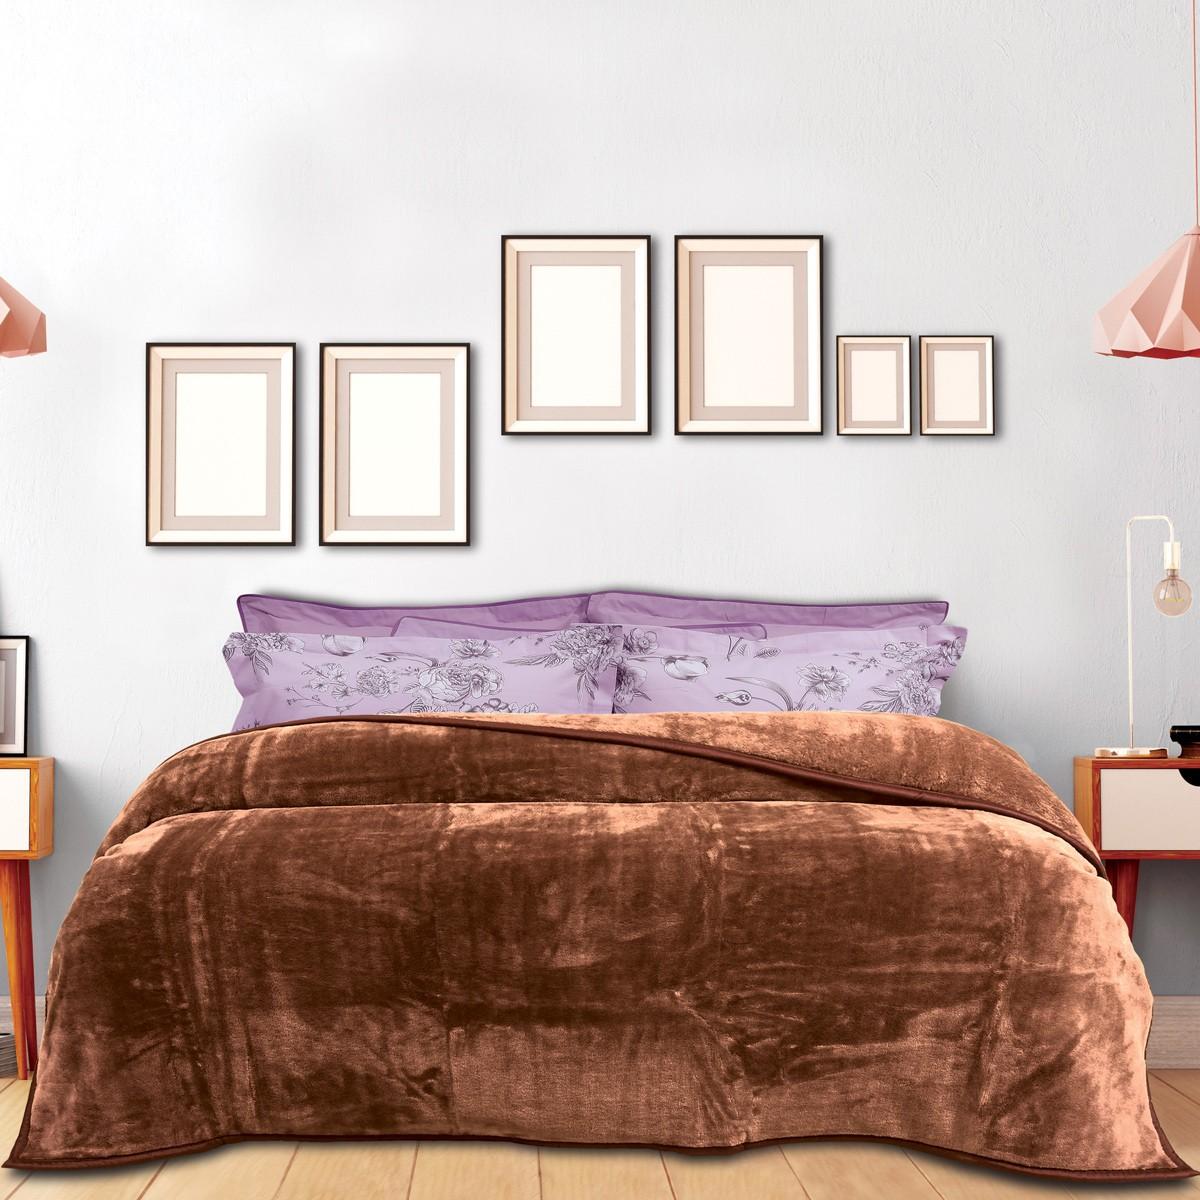 Κουβέρτα Βελουτέ Υπέρδιπλη Das Home Blanket Line Velour 393